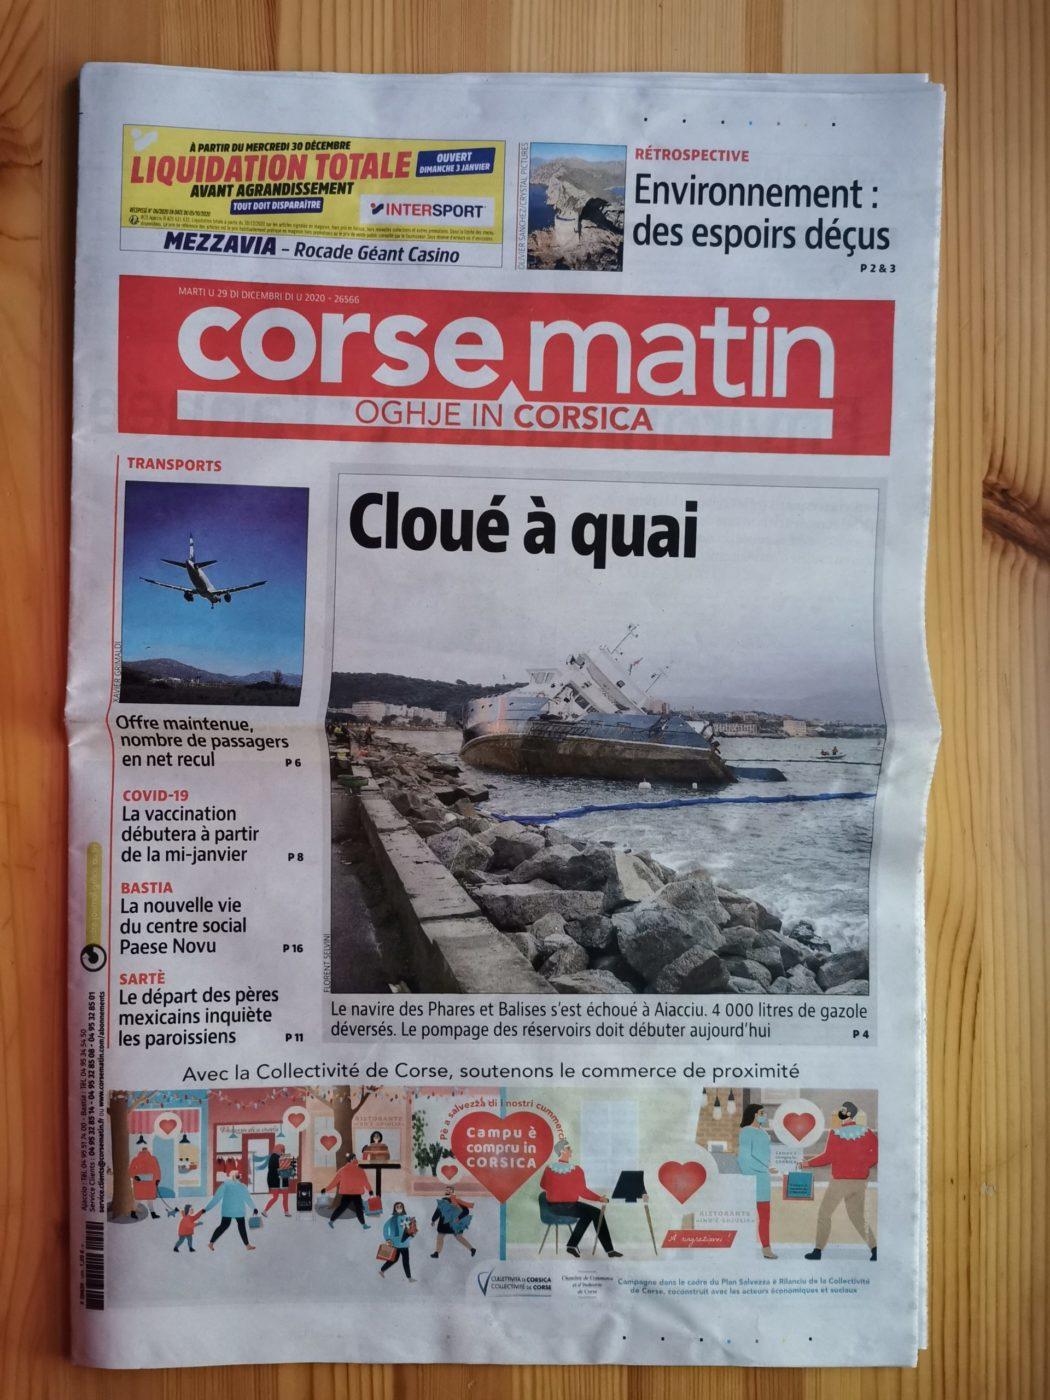 Couverture du Corse matin N° 25566 du 29 décembre 2020